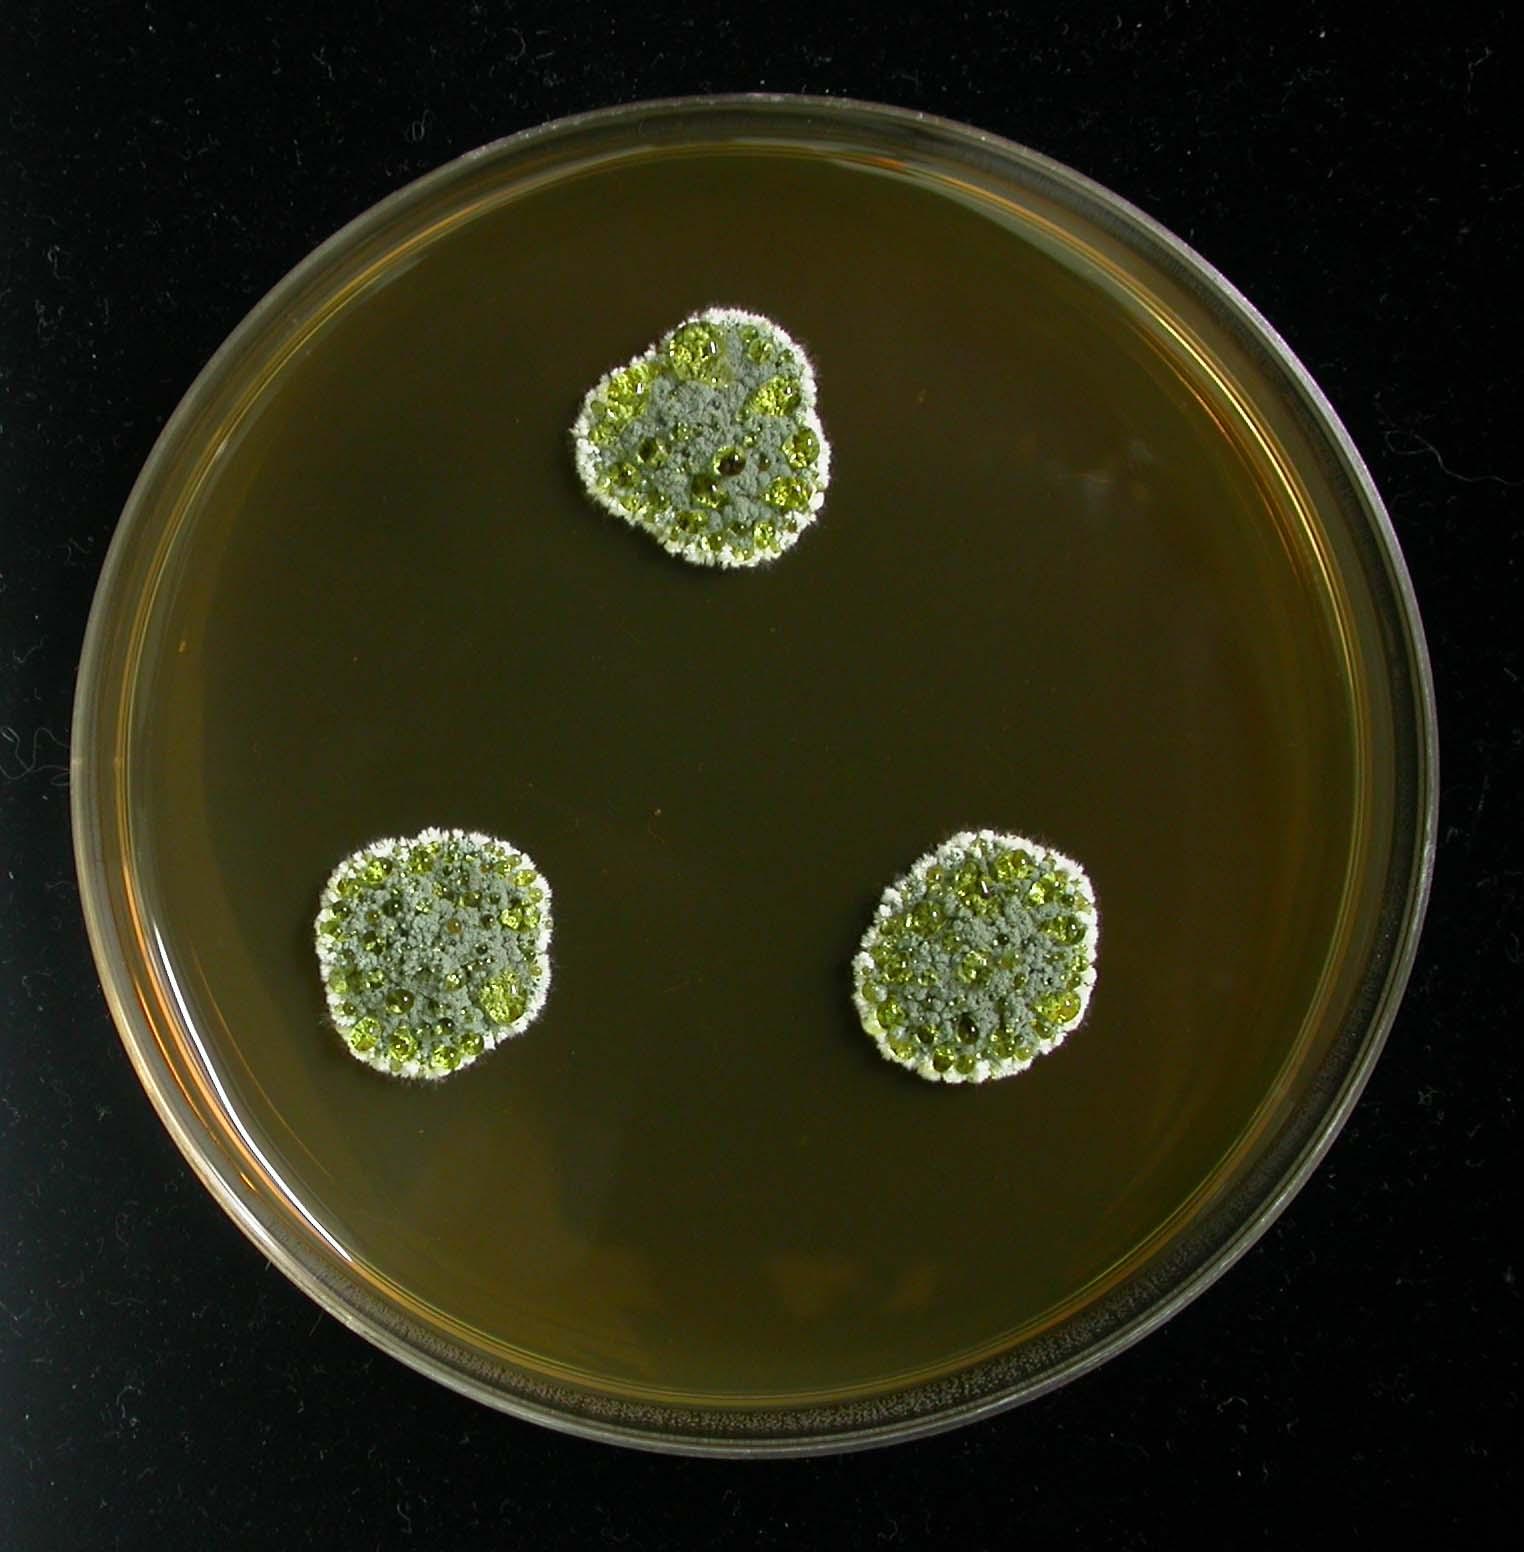 Penicillium glandicola